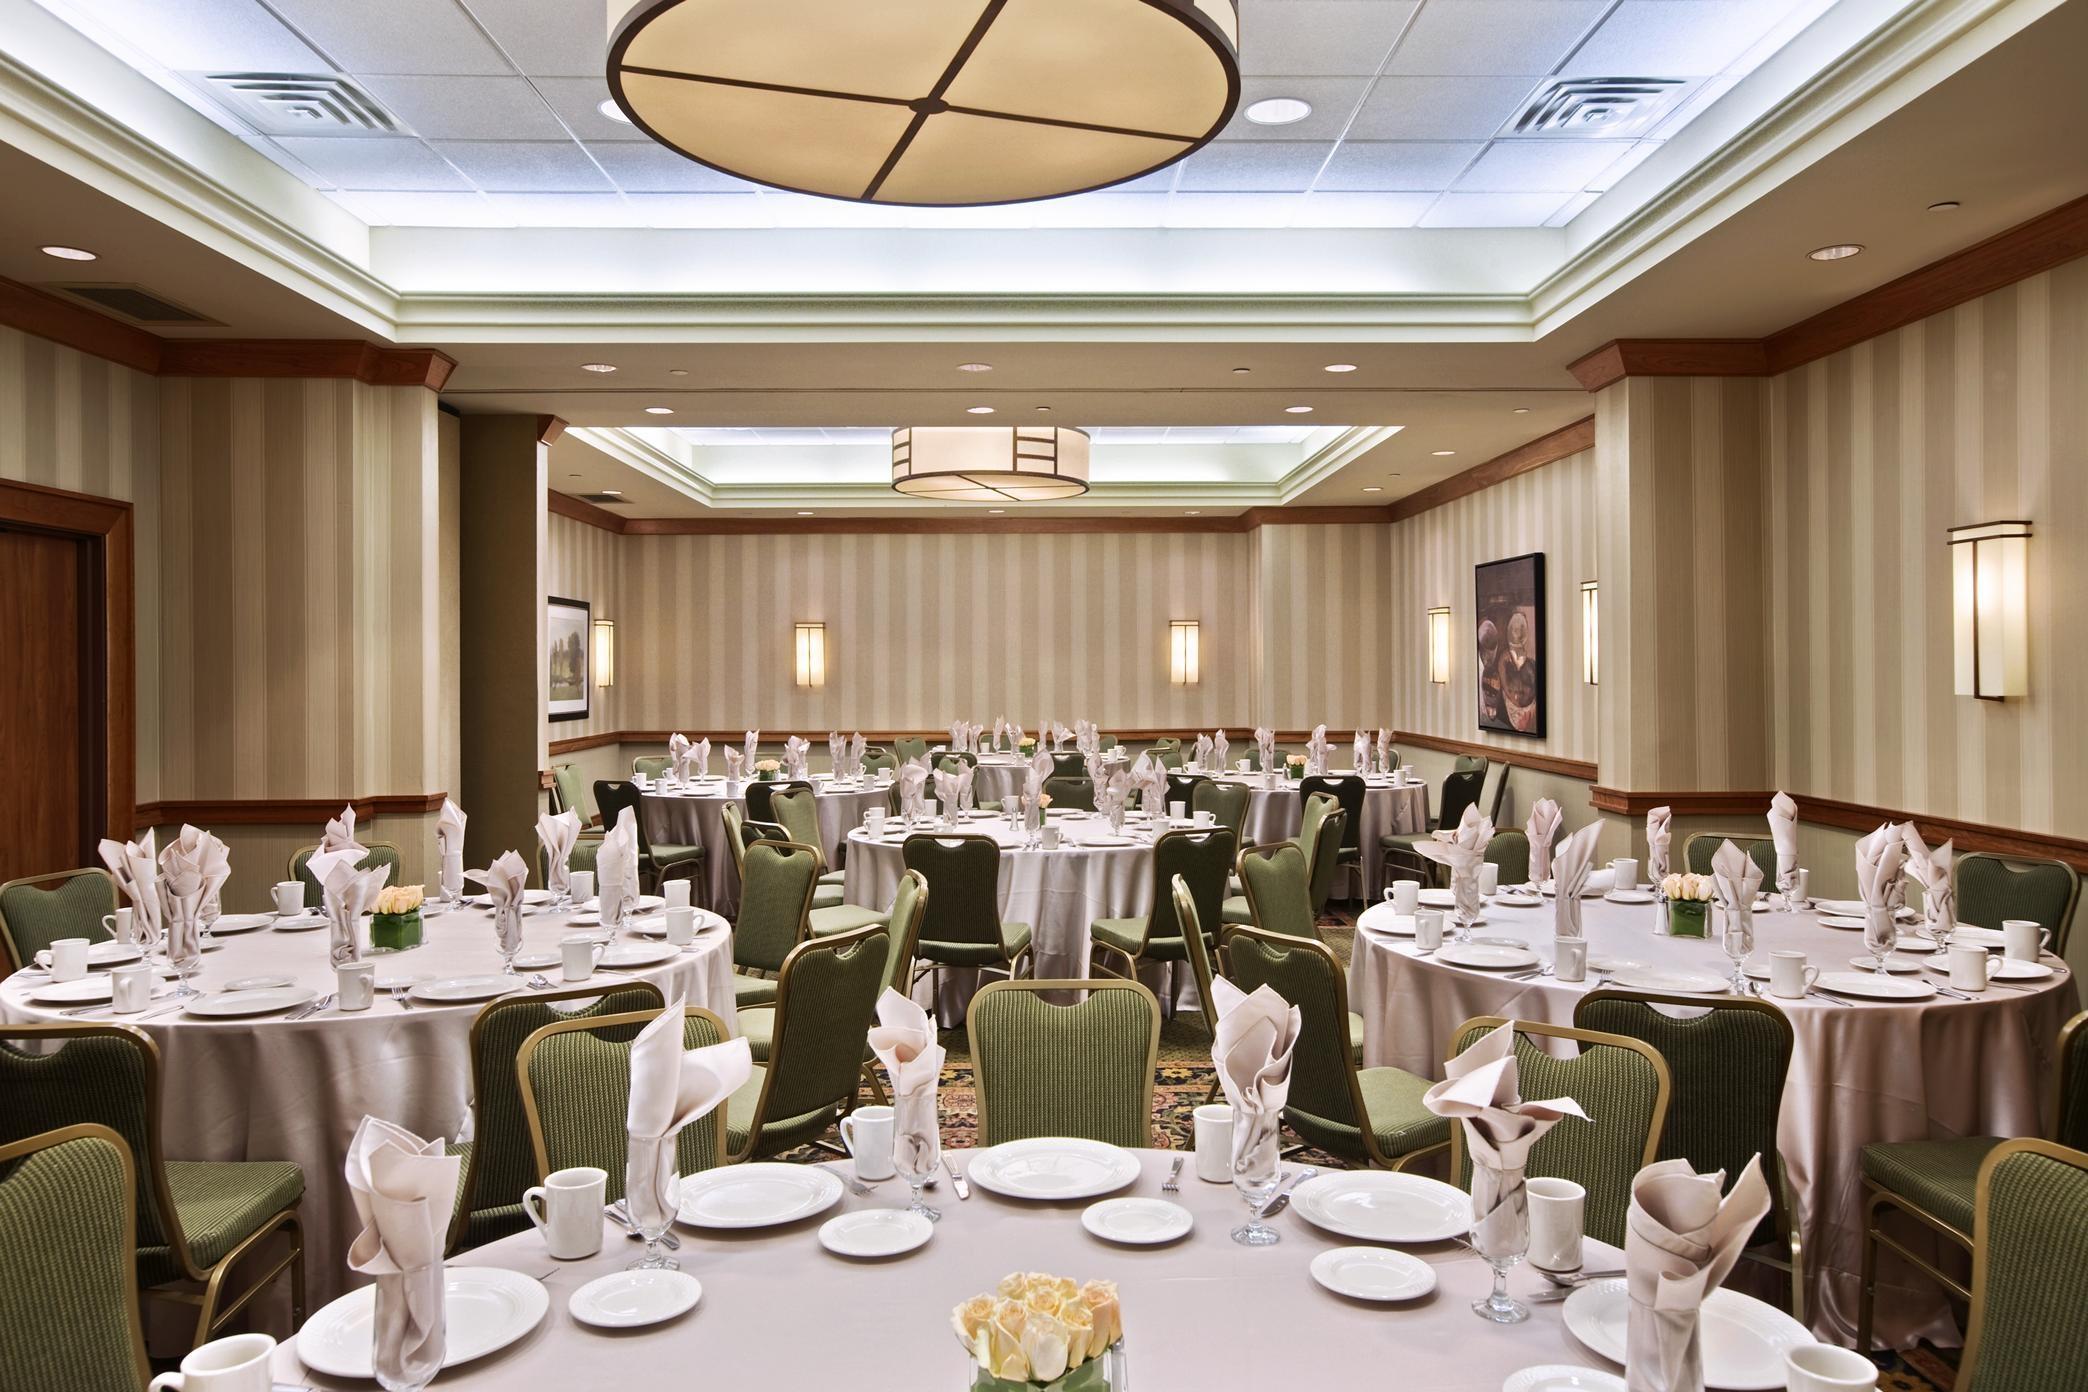 Hilton Chicago/Oak Brook Suites image 3